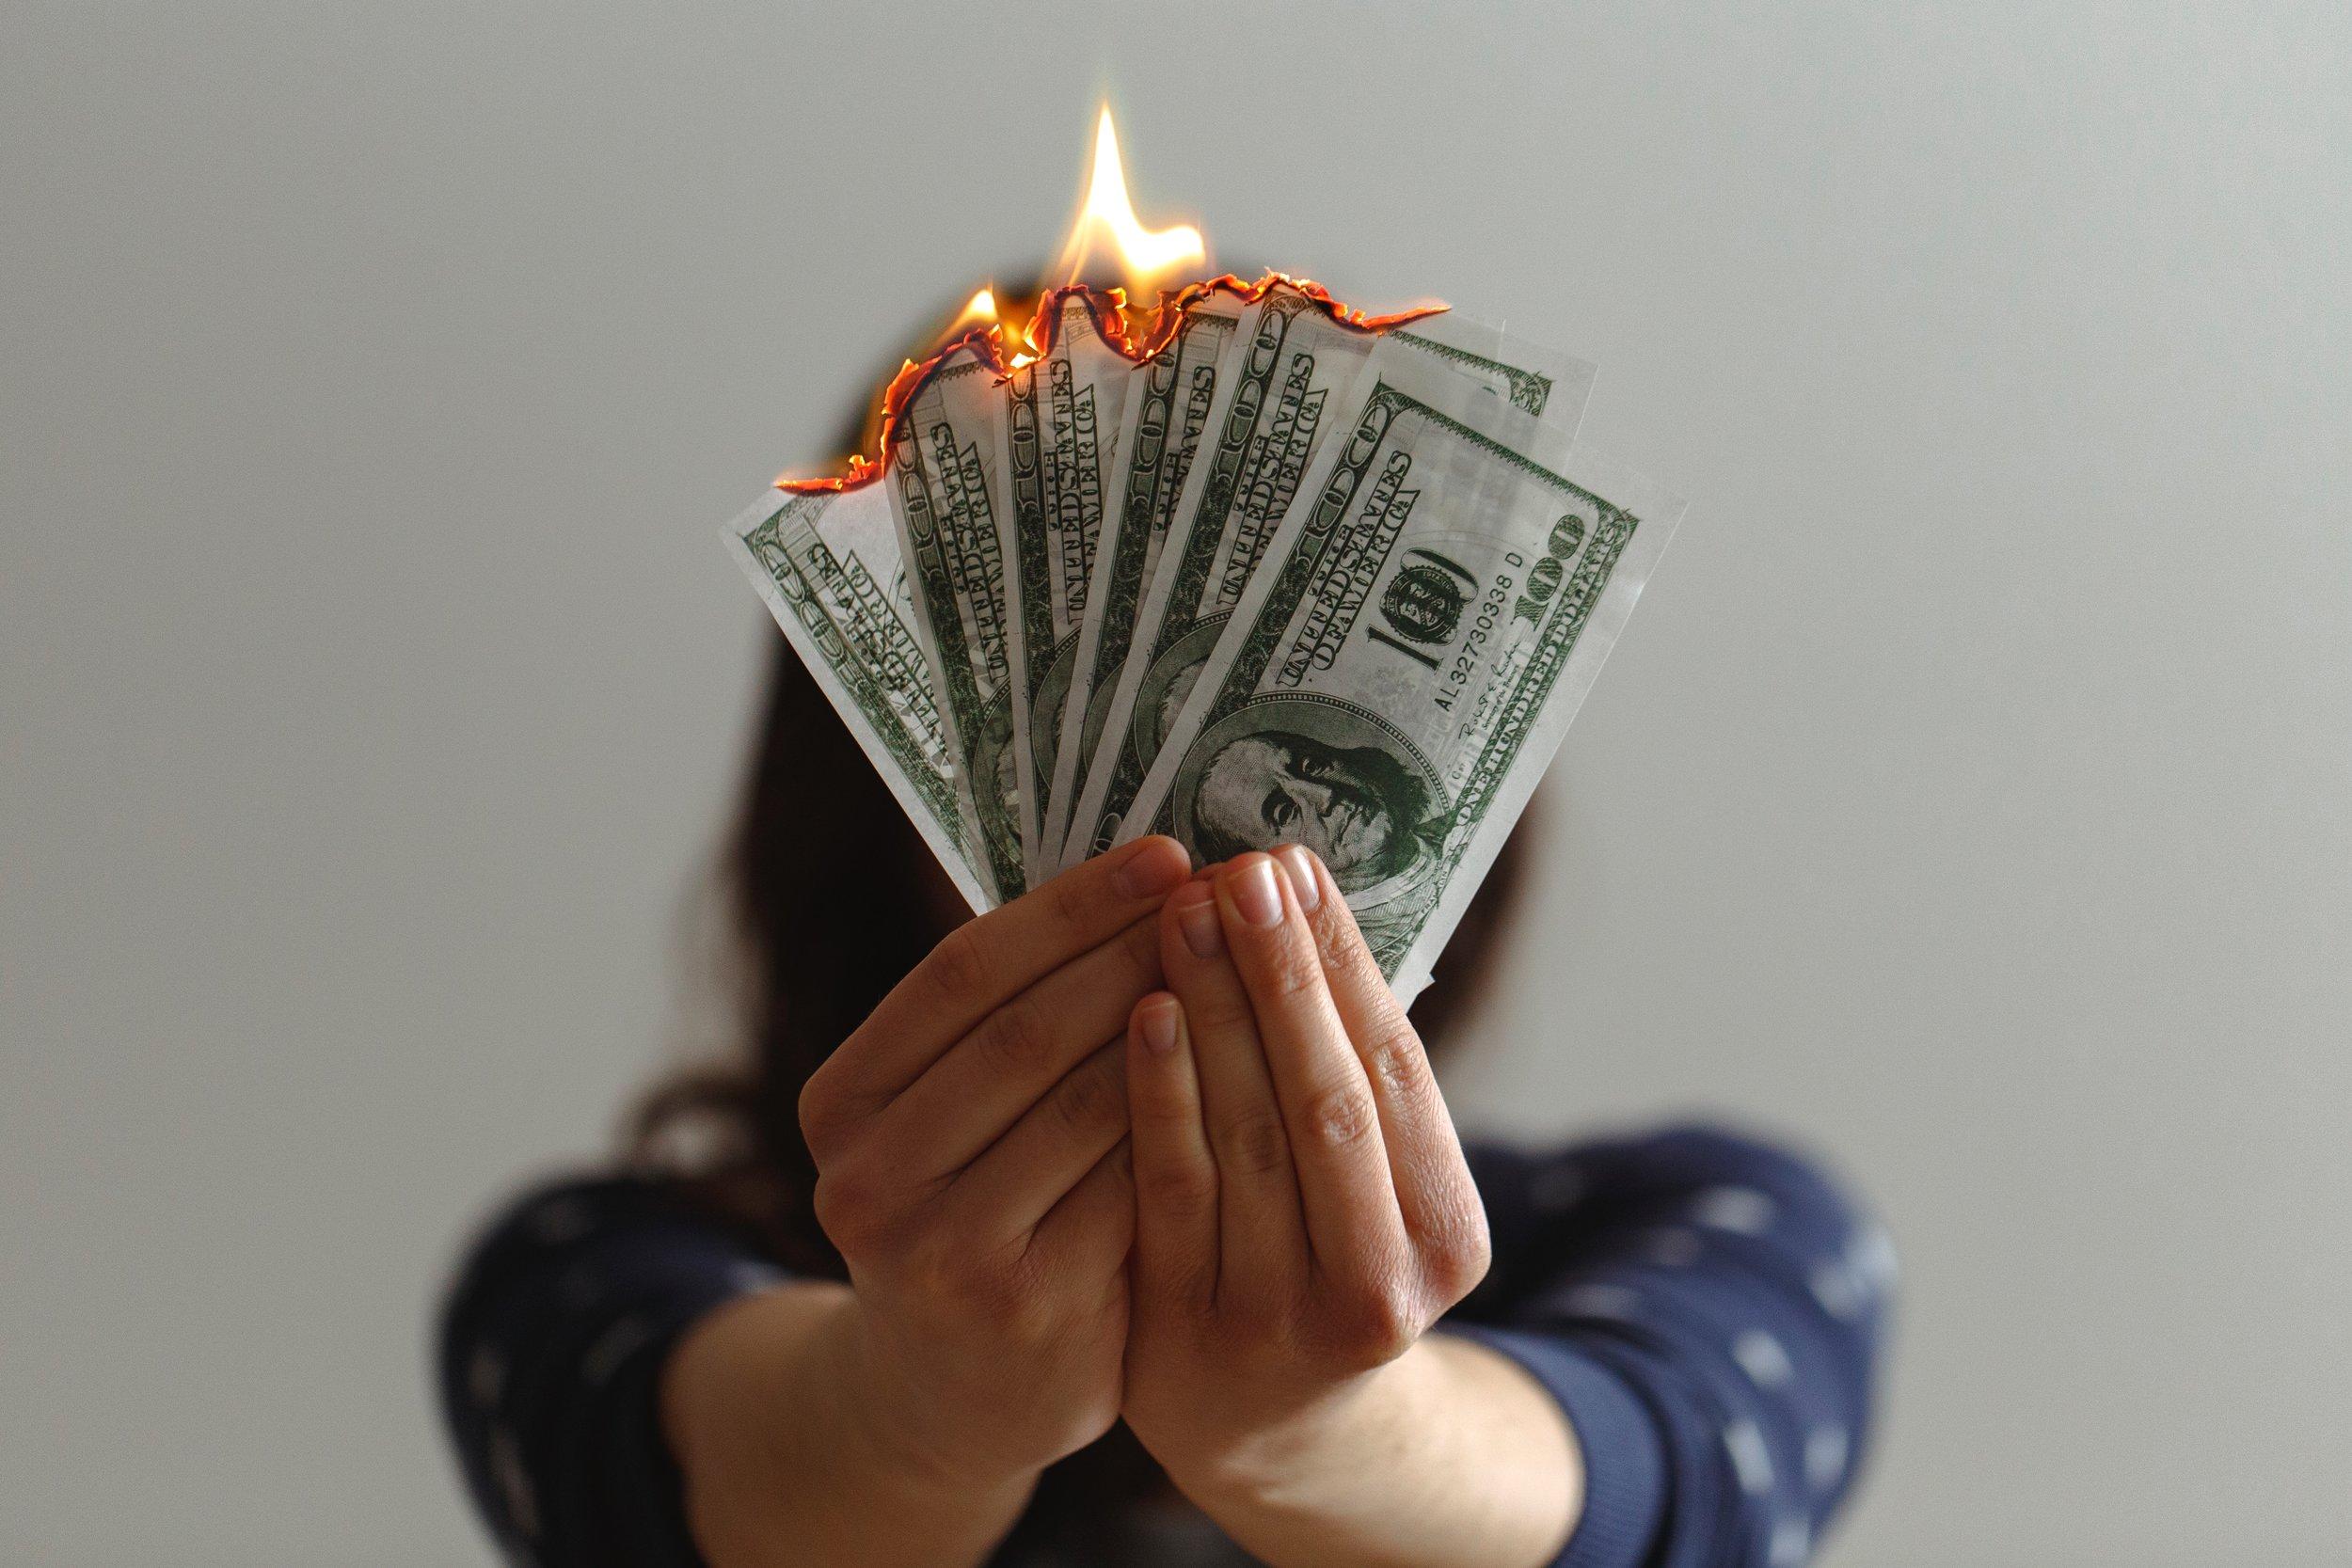 Female in blue shirt holding a fan of dollar bills on fire